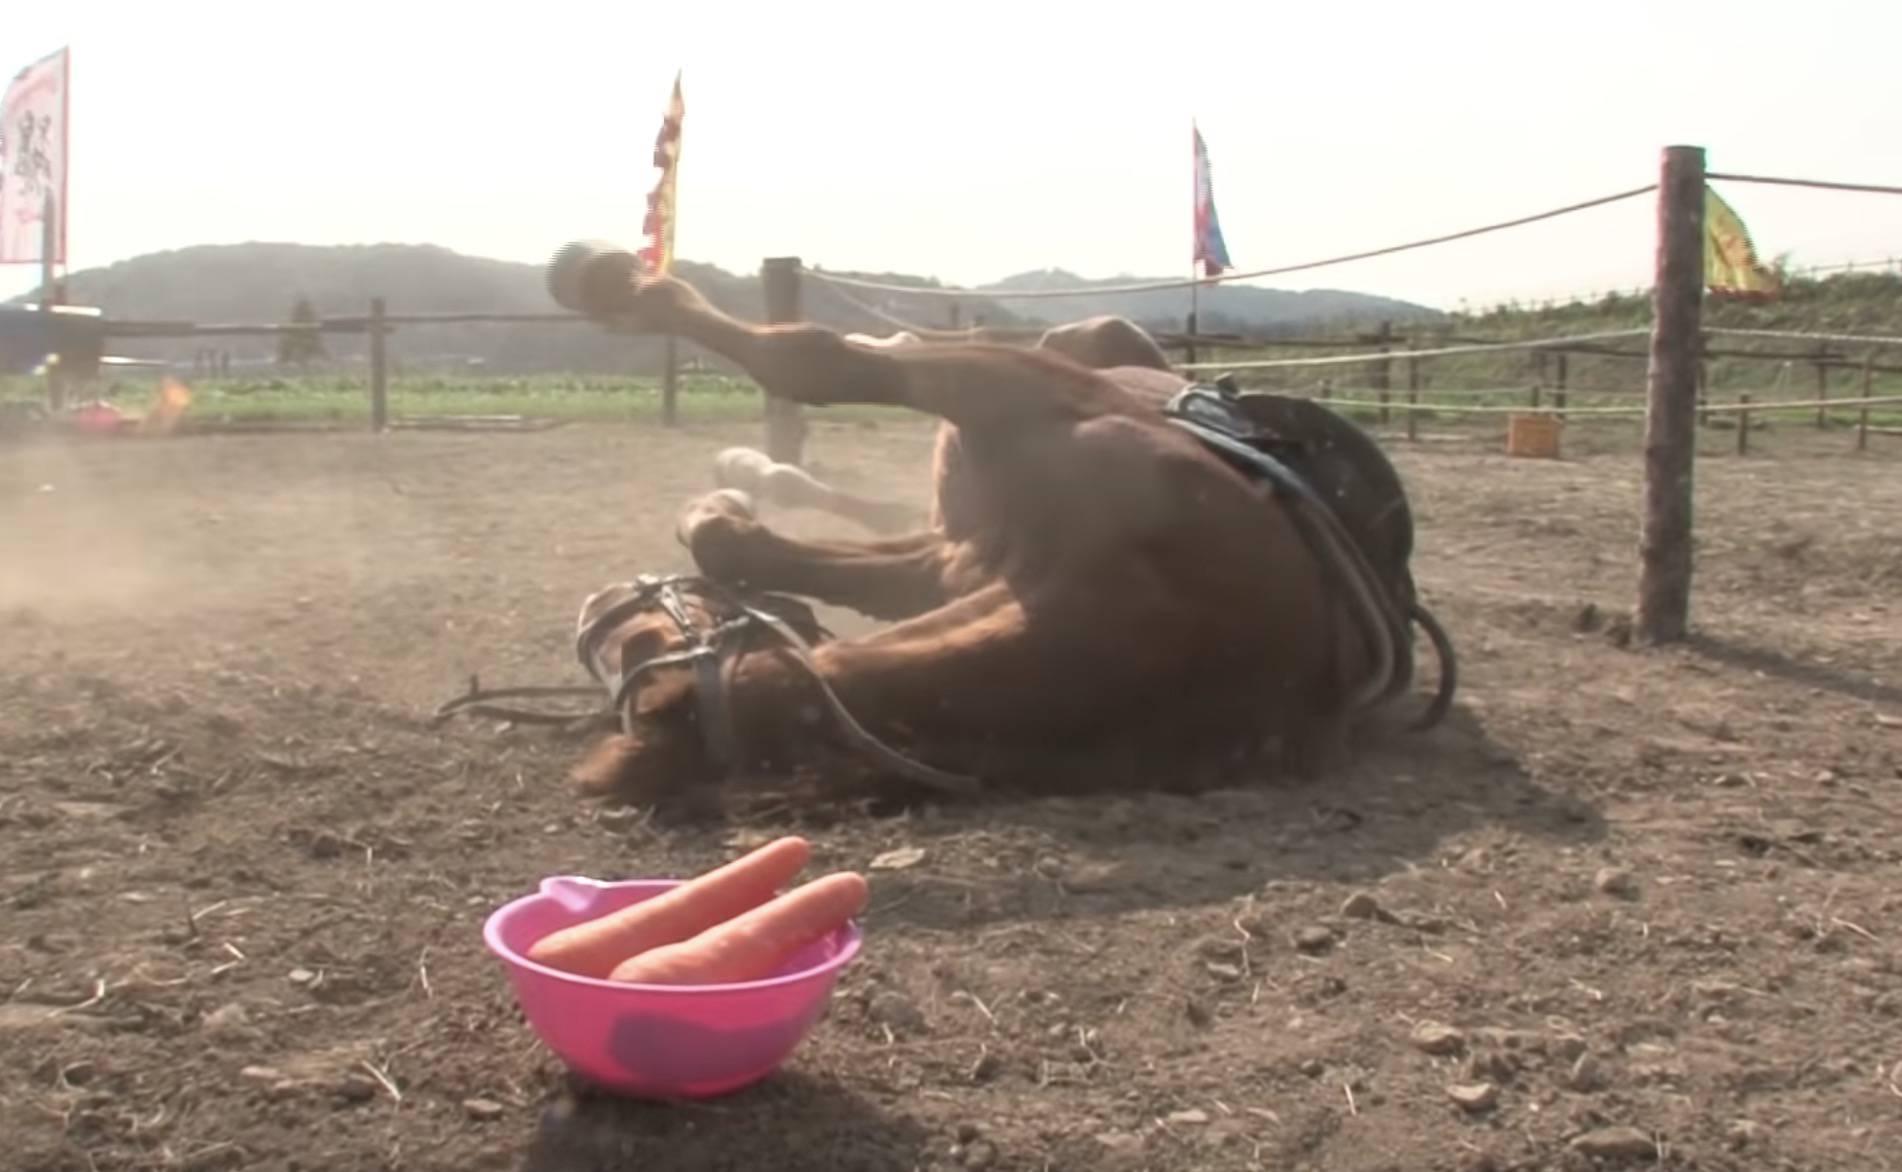 Konj glumi da je mrtav svaki put kad ga netko poželi jahati